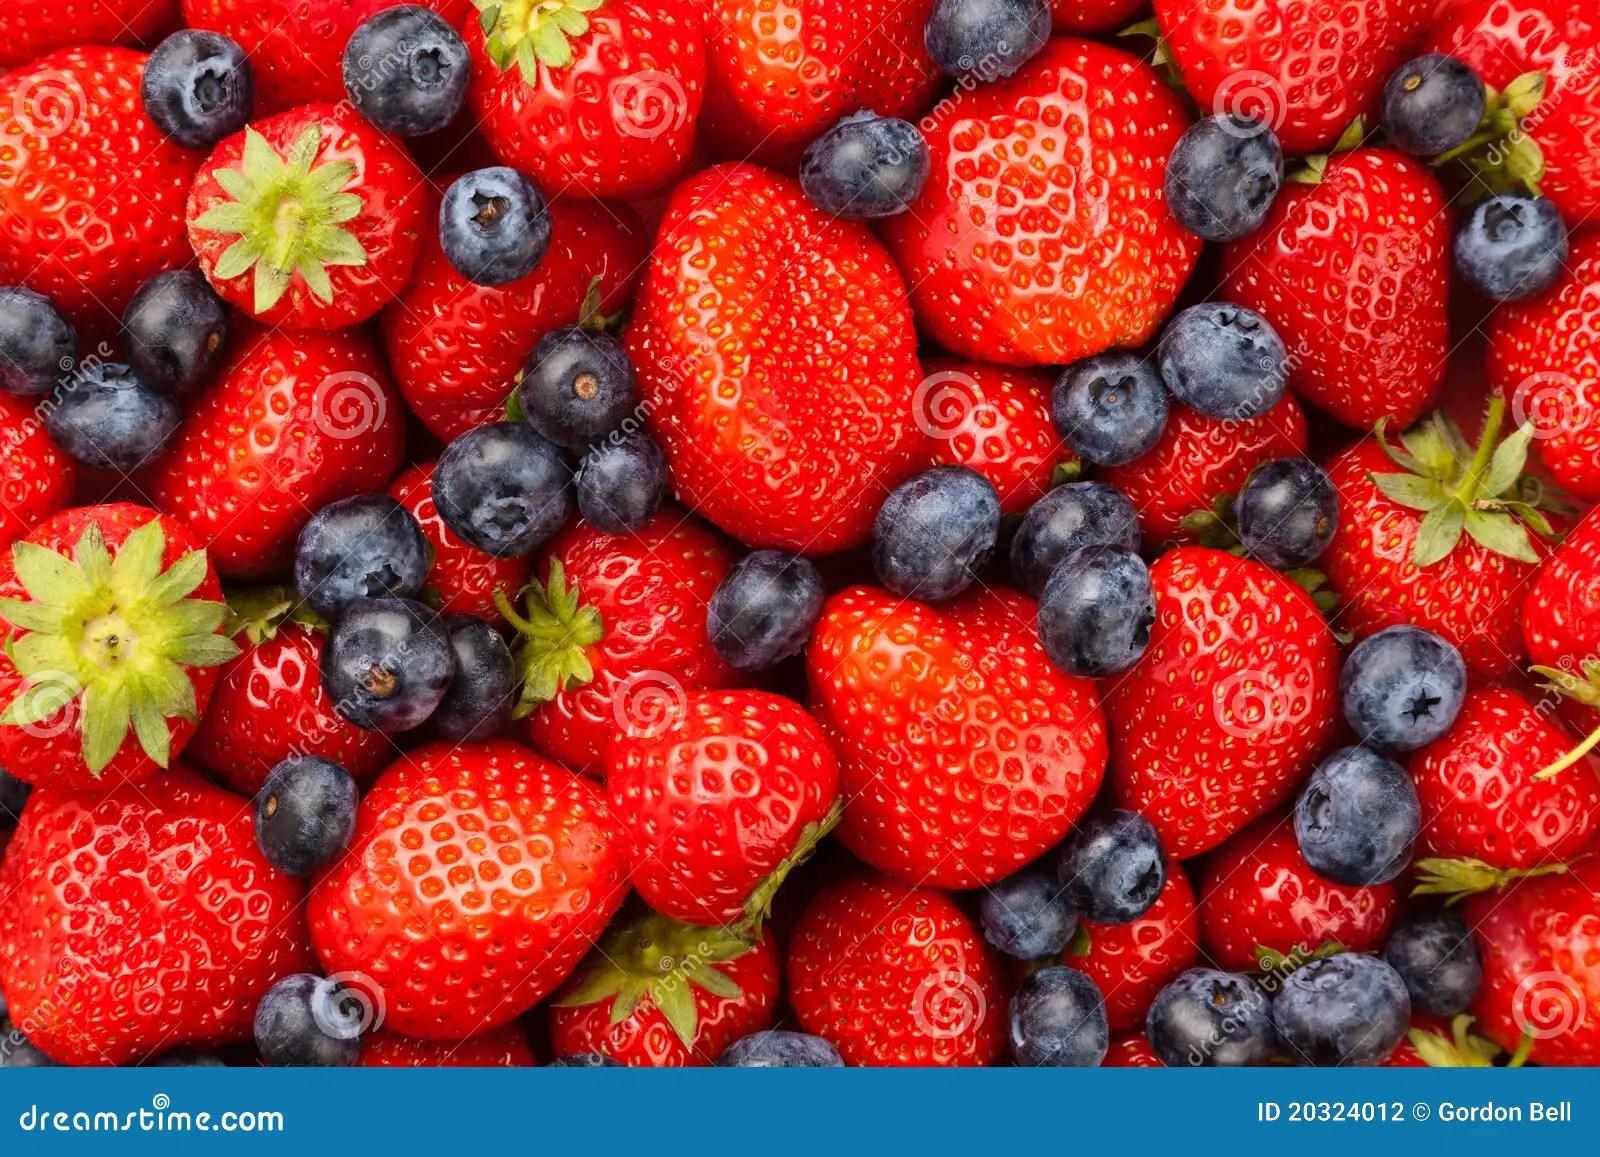 And Raspberries Stock Blueberries Bowl Blackberries